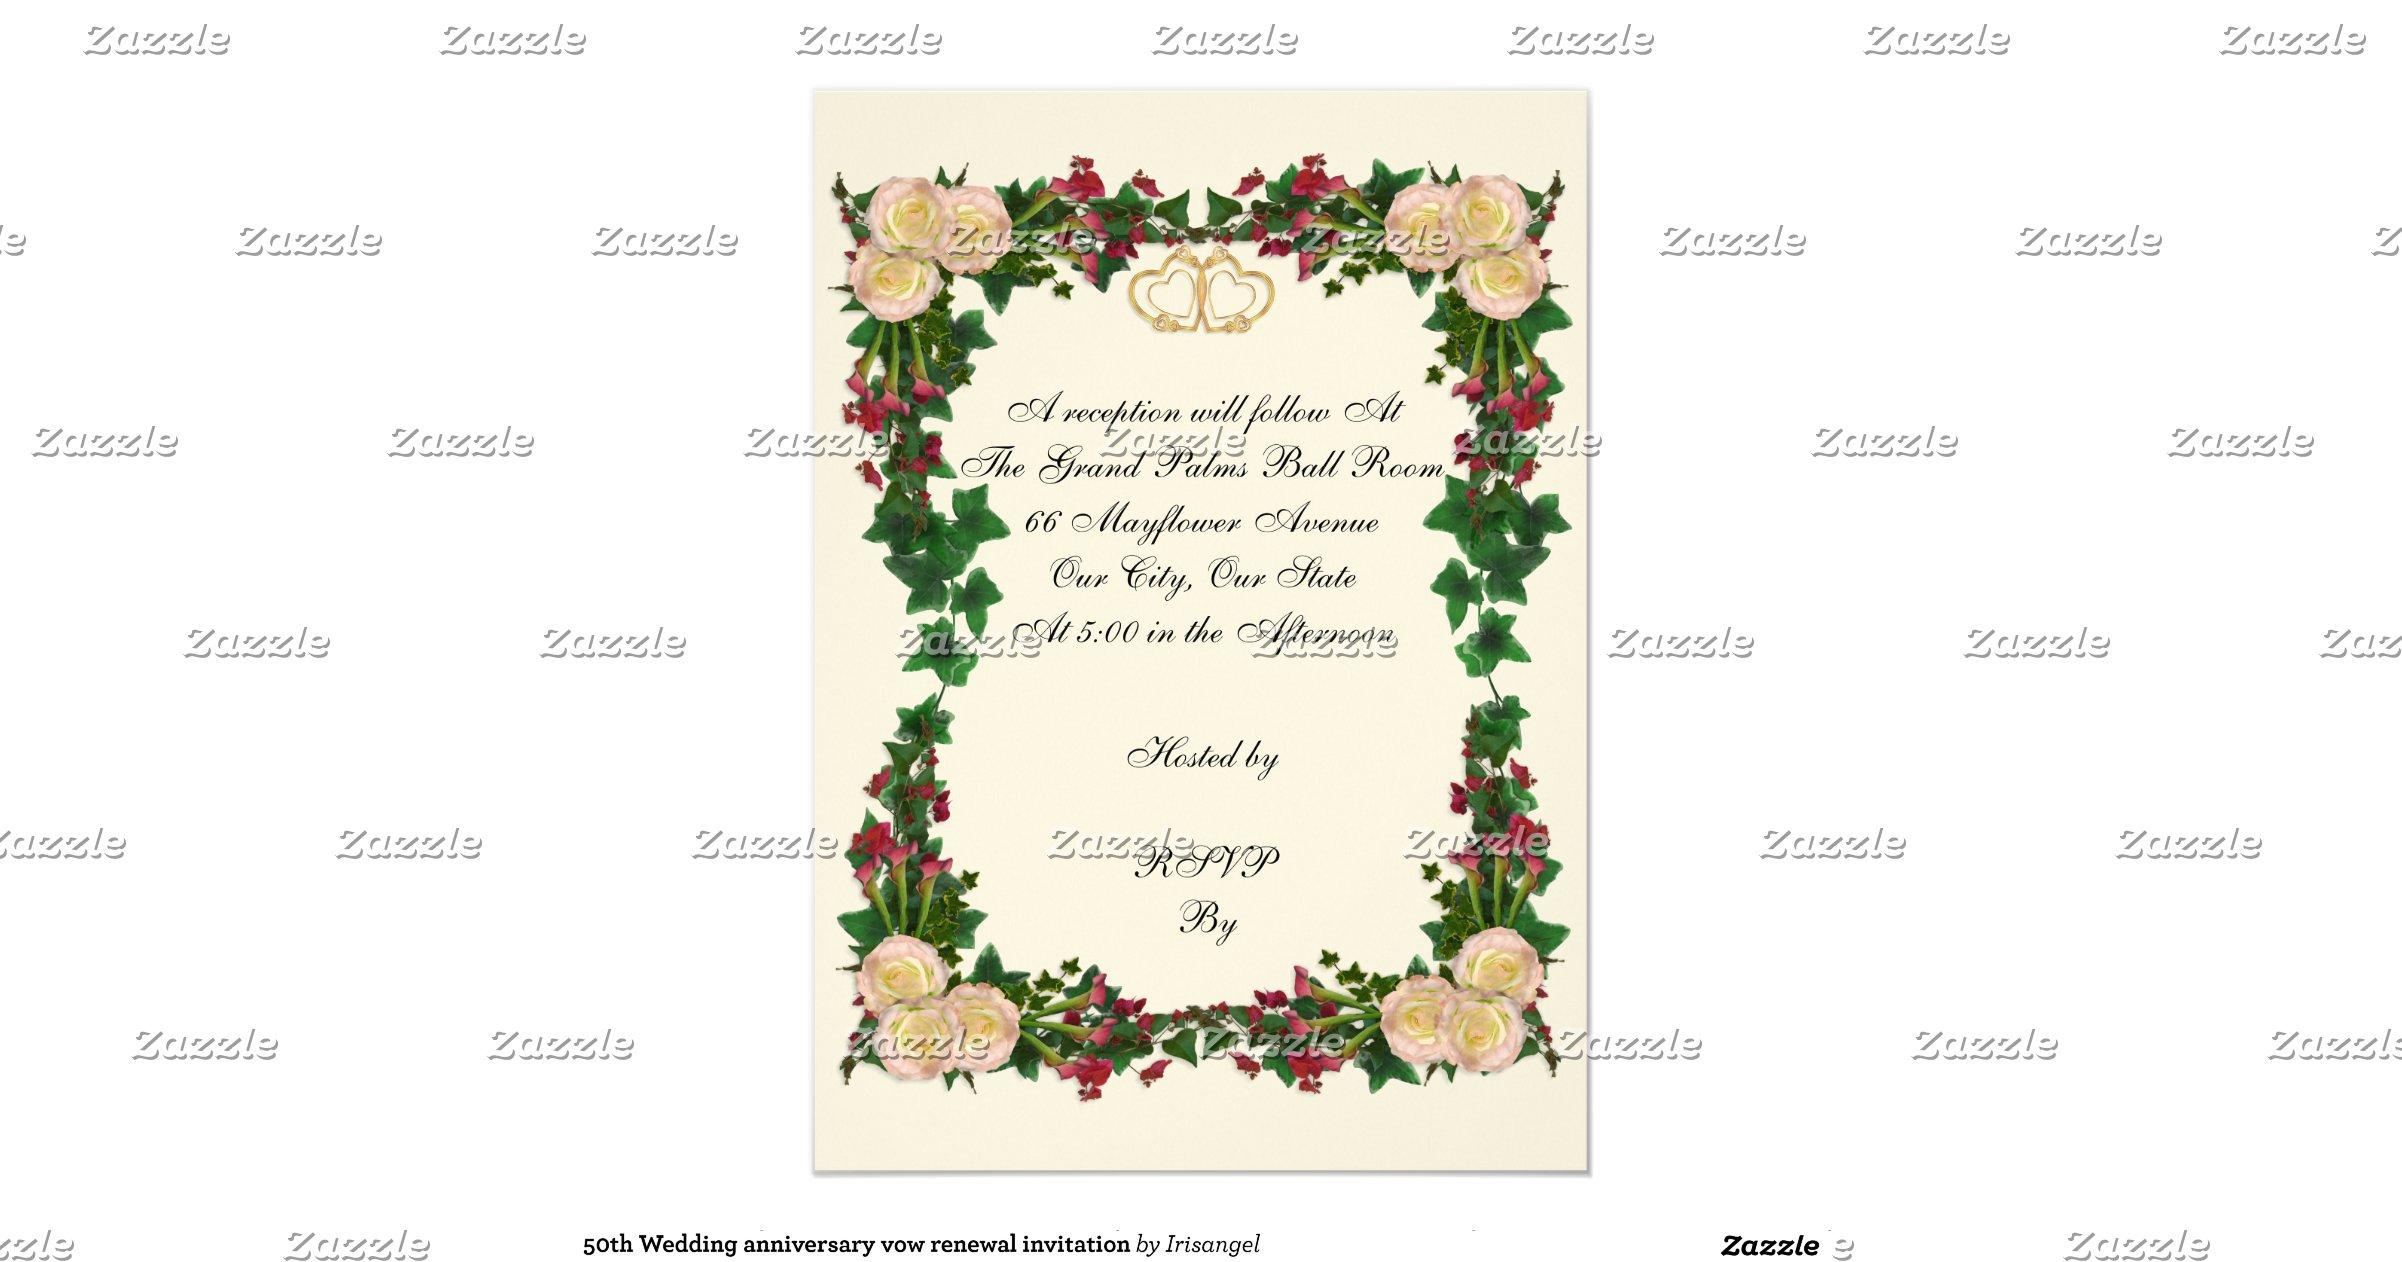 50th Wedding Vow Renewal Invitations: 50th_wedding_anniversary_vow_renewal_invitation